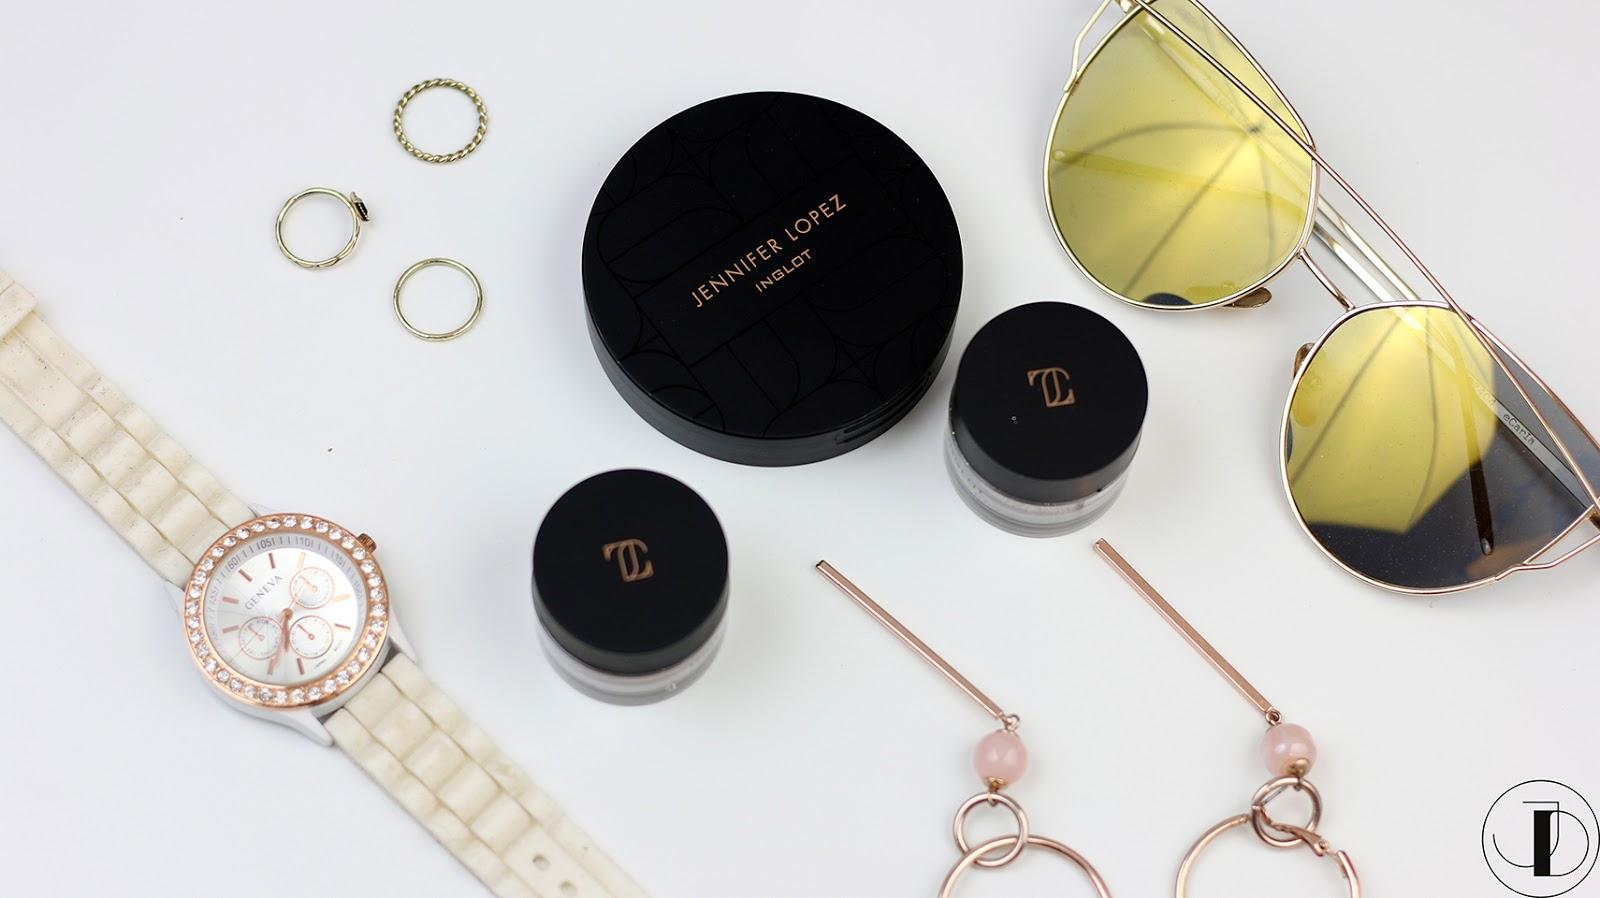 W WAKACYJNYM KLIMACIE - recenzja kosmetyków Inglot by J.Lo